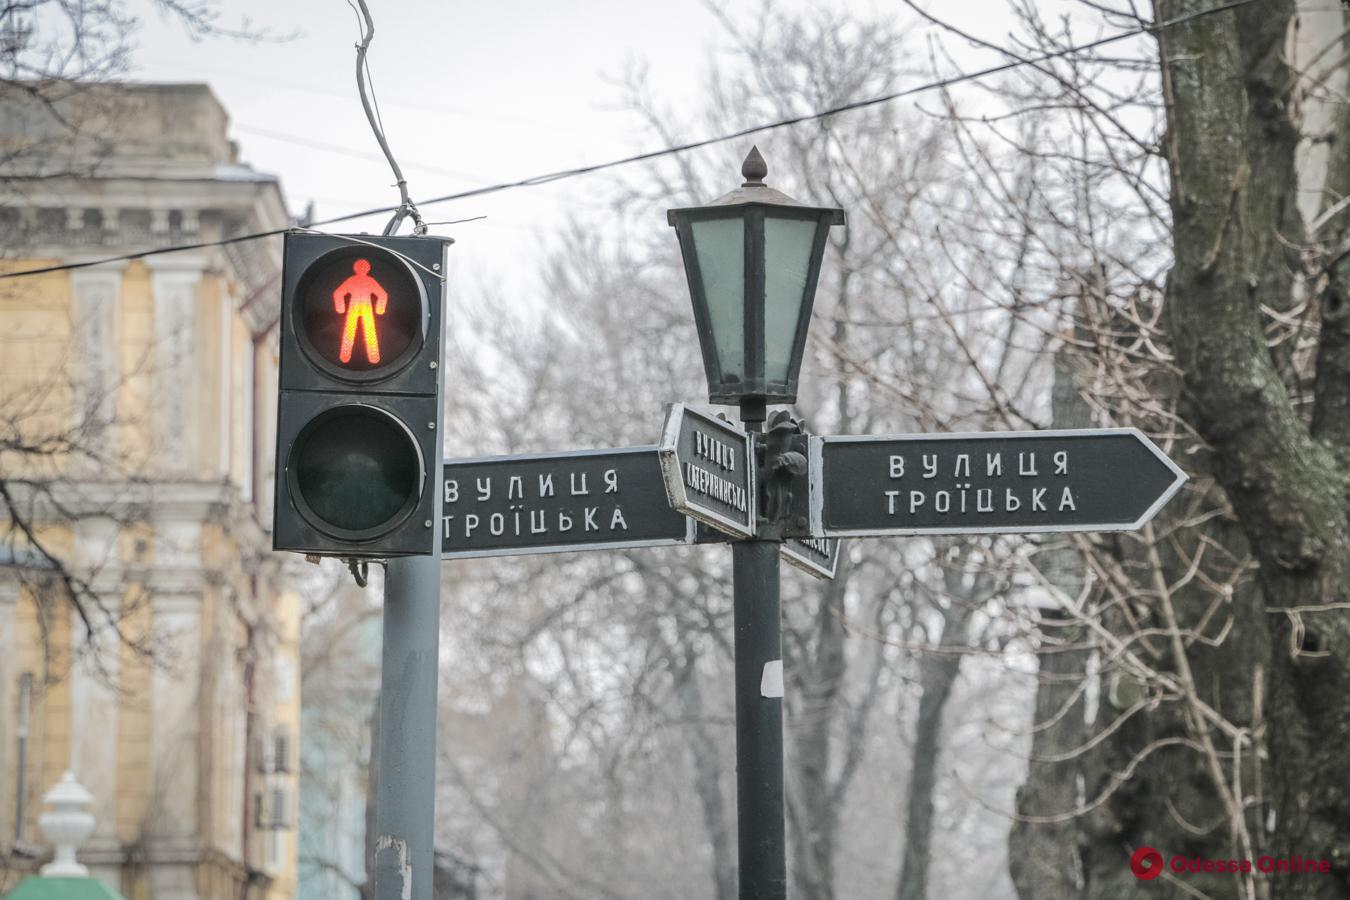 Движение по улице Троицкой откроют для транспорта и запретят для пешеходов